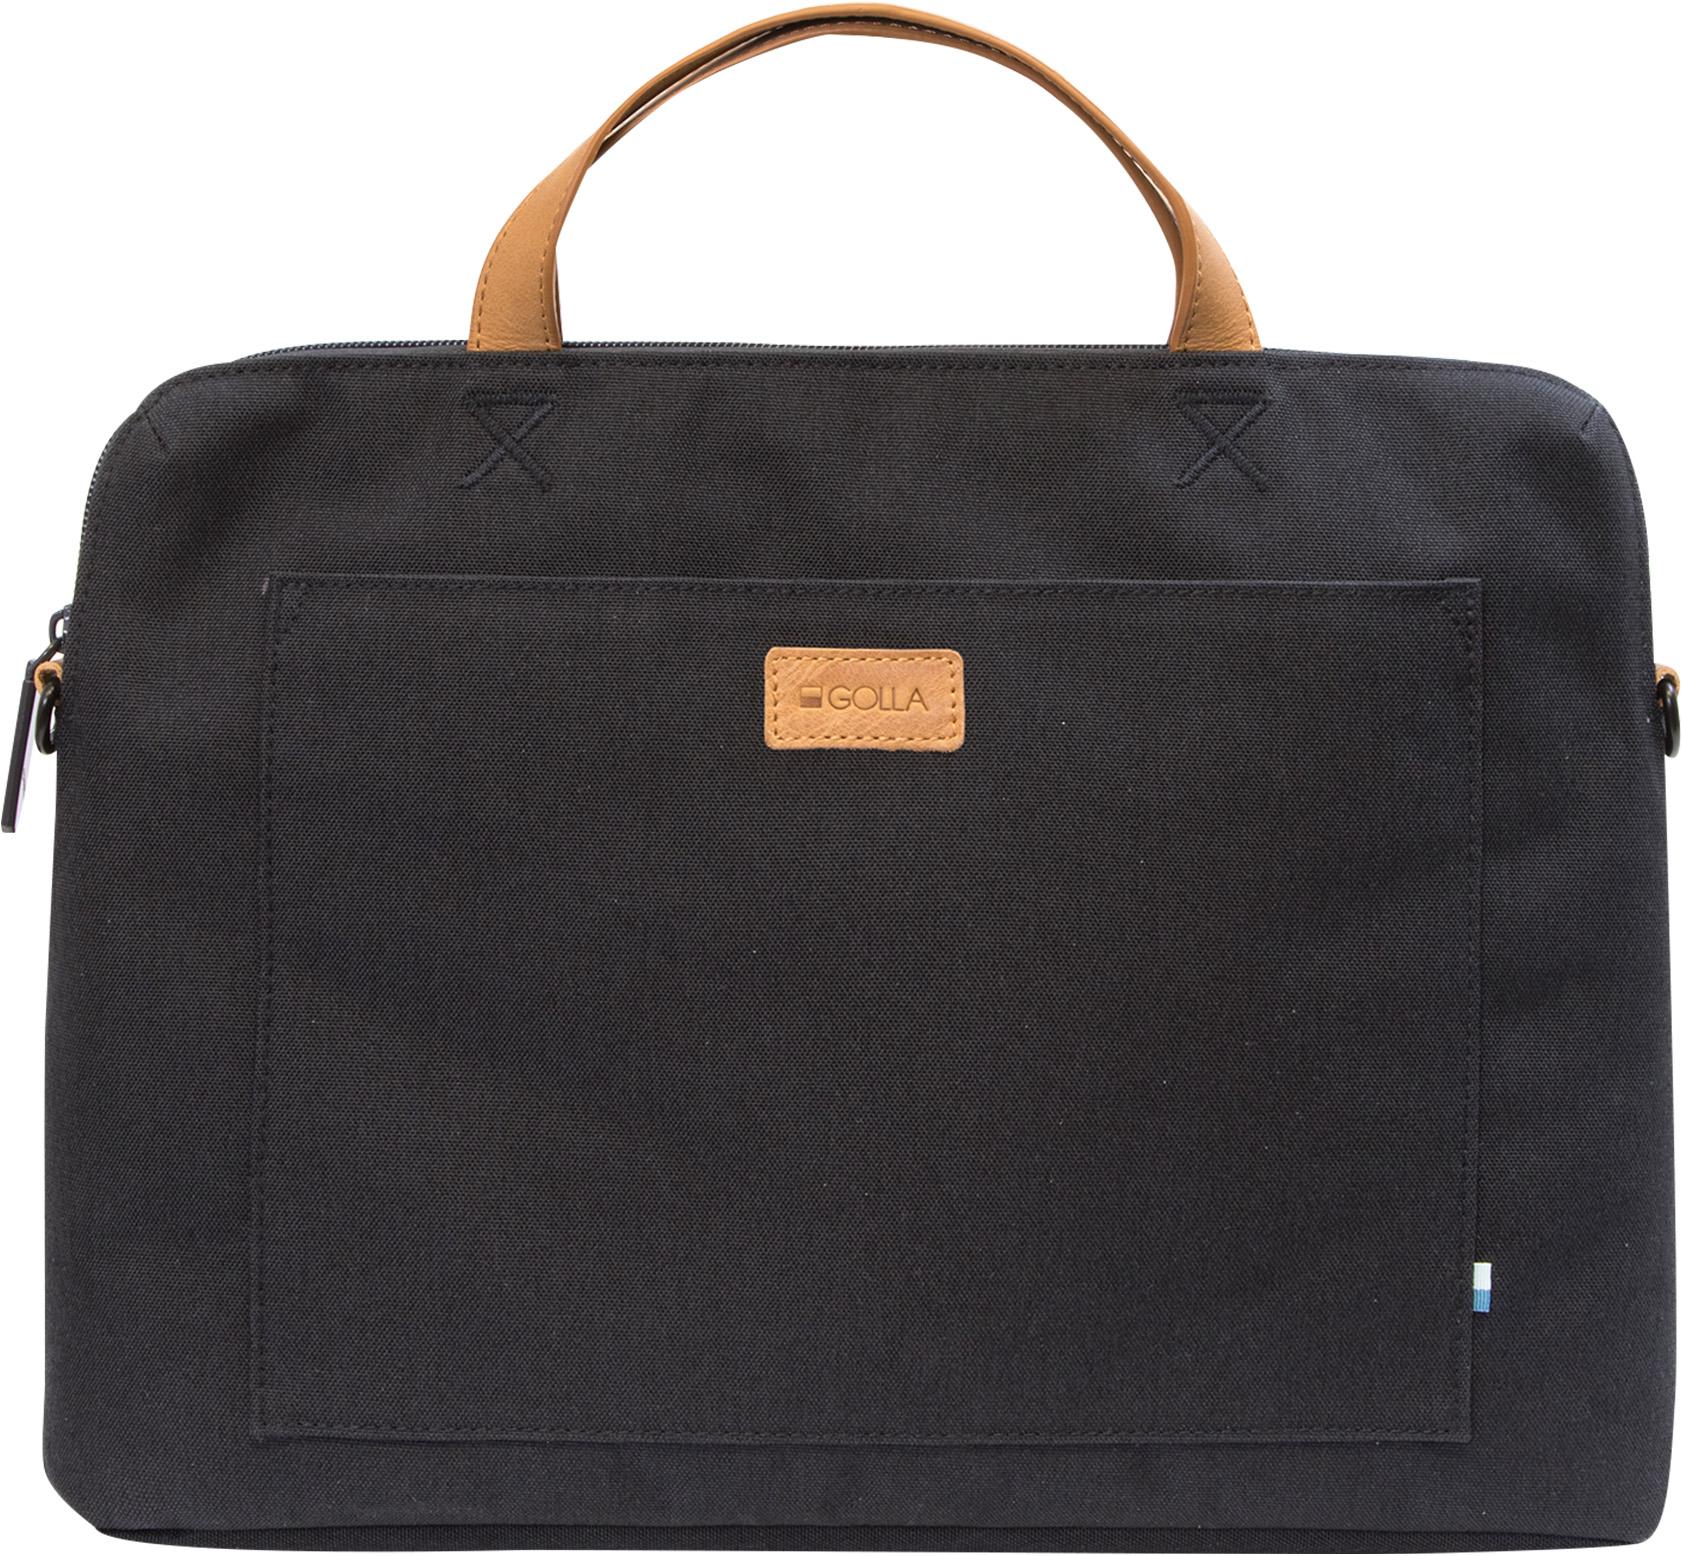 Golla Polaris 14-inch Briefcase